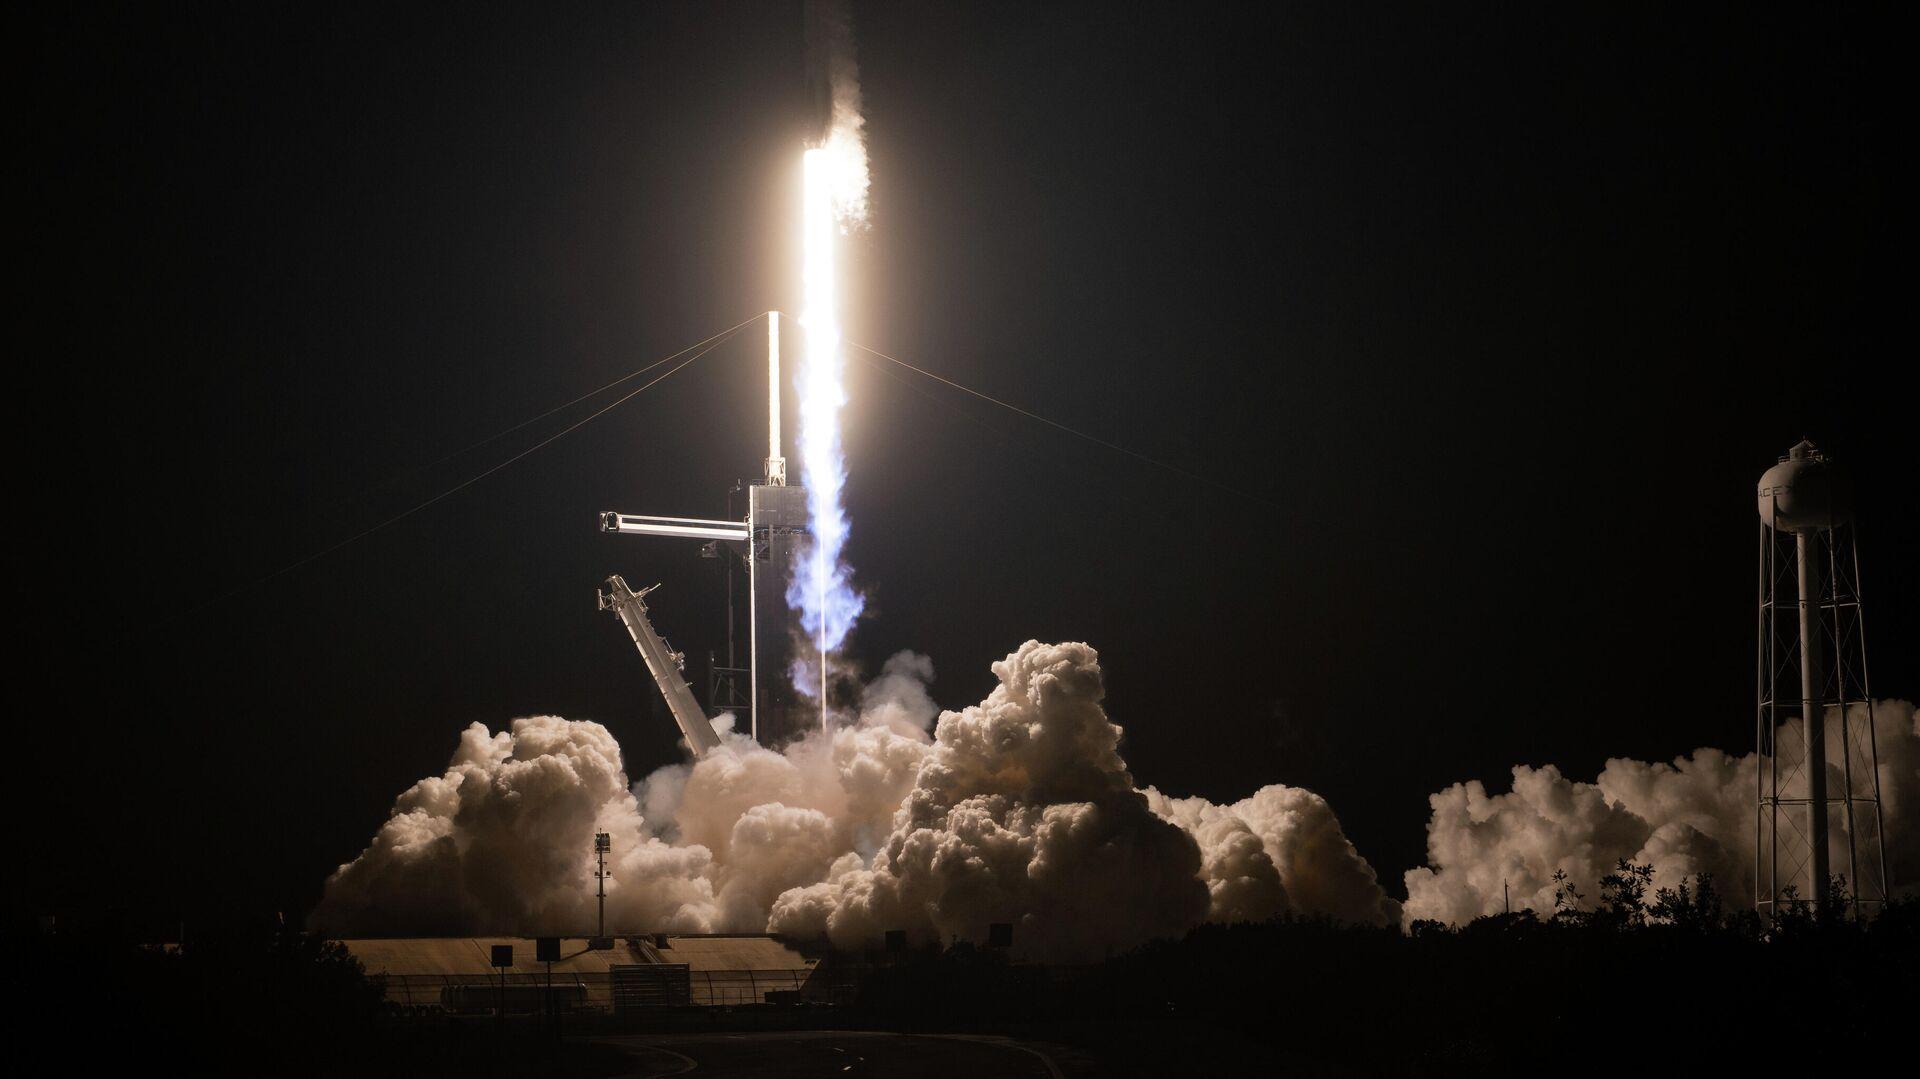 Старт ракеты Falcon 9 с кораблем Crew Dragon - РИА Новости, 1920, 23.02.2021